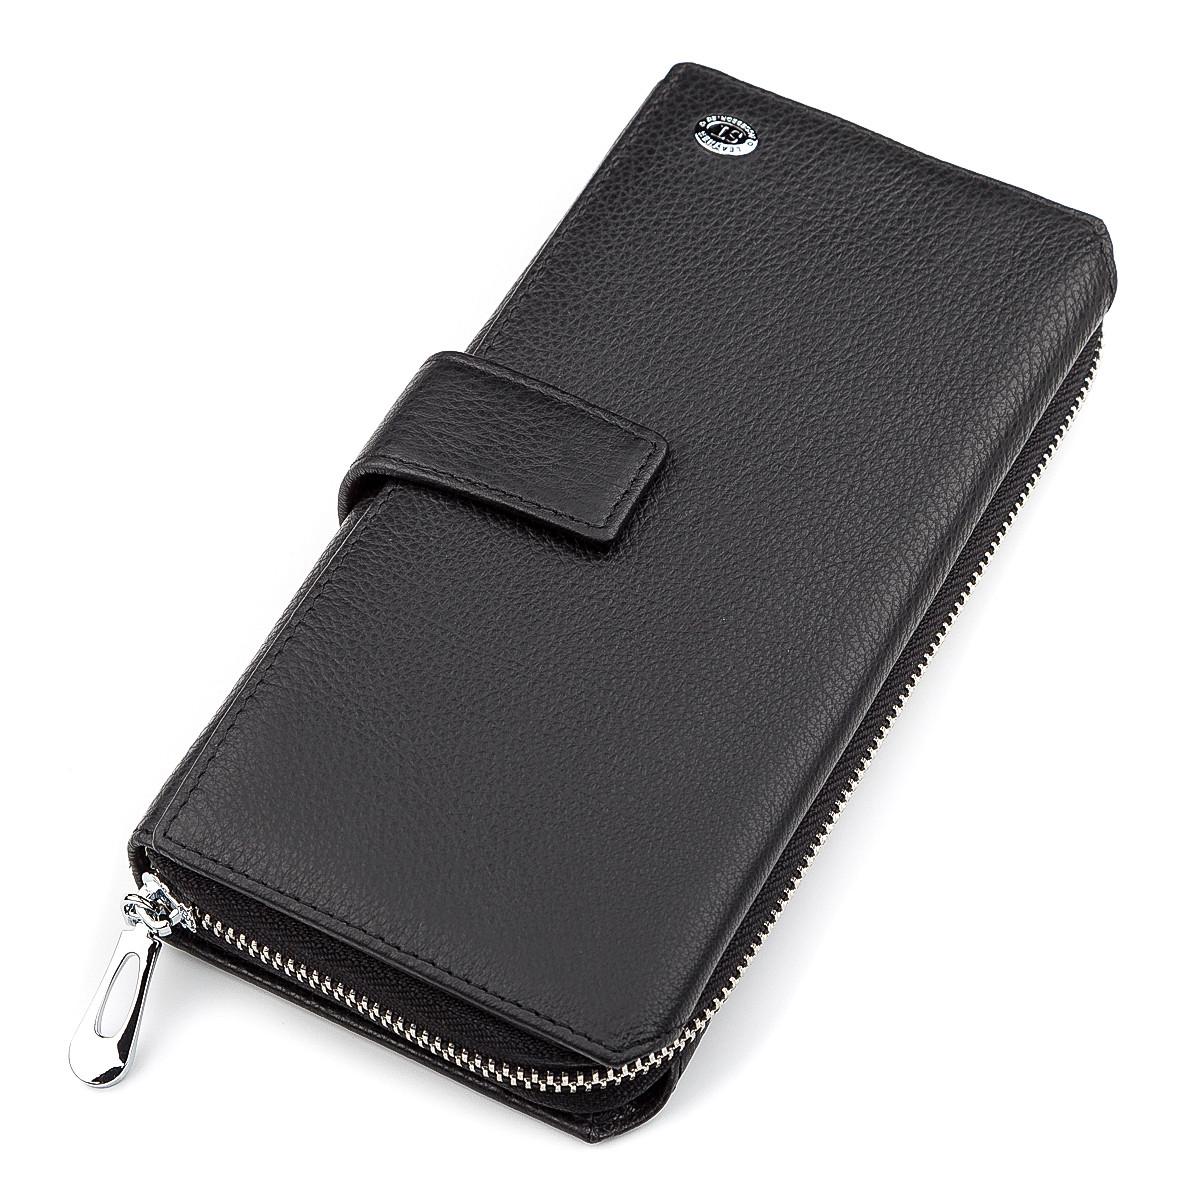 Чоловічий гаманець ST Leather 19953 (ST128) стильний Чорний